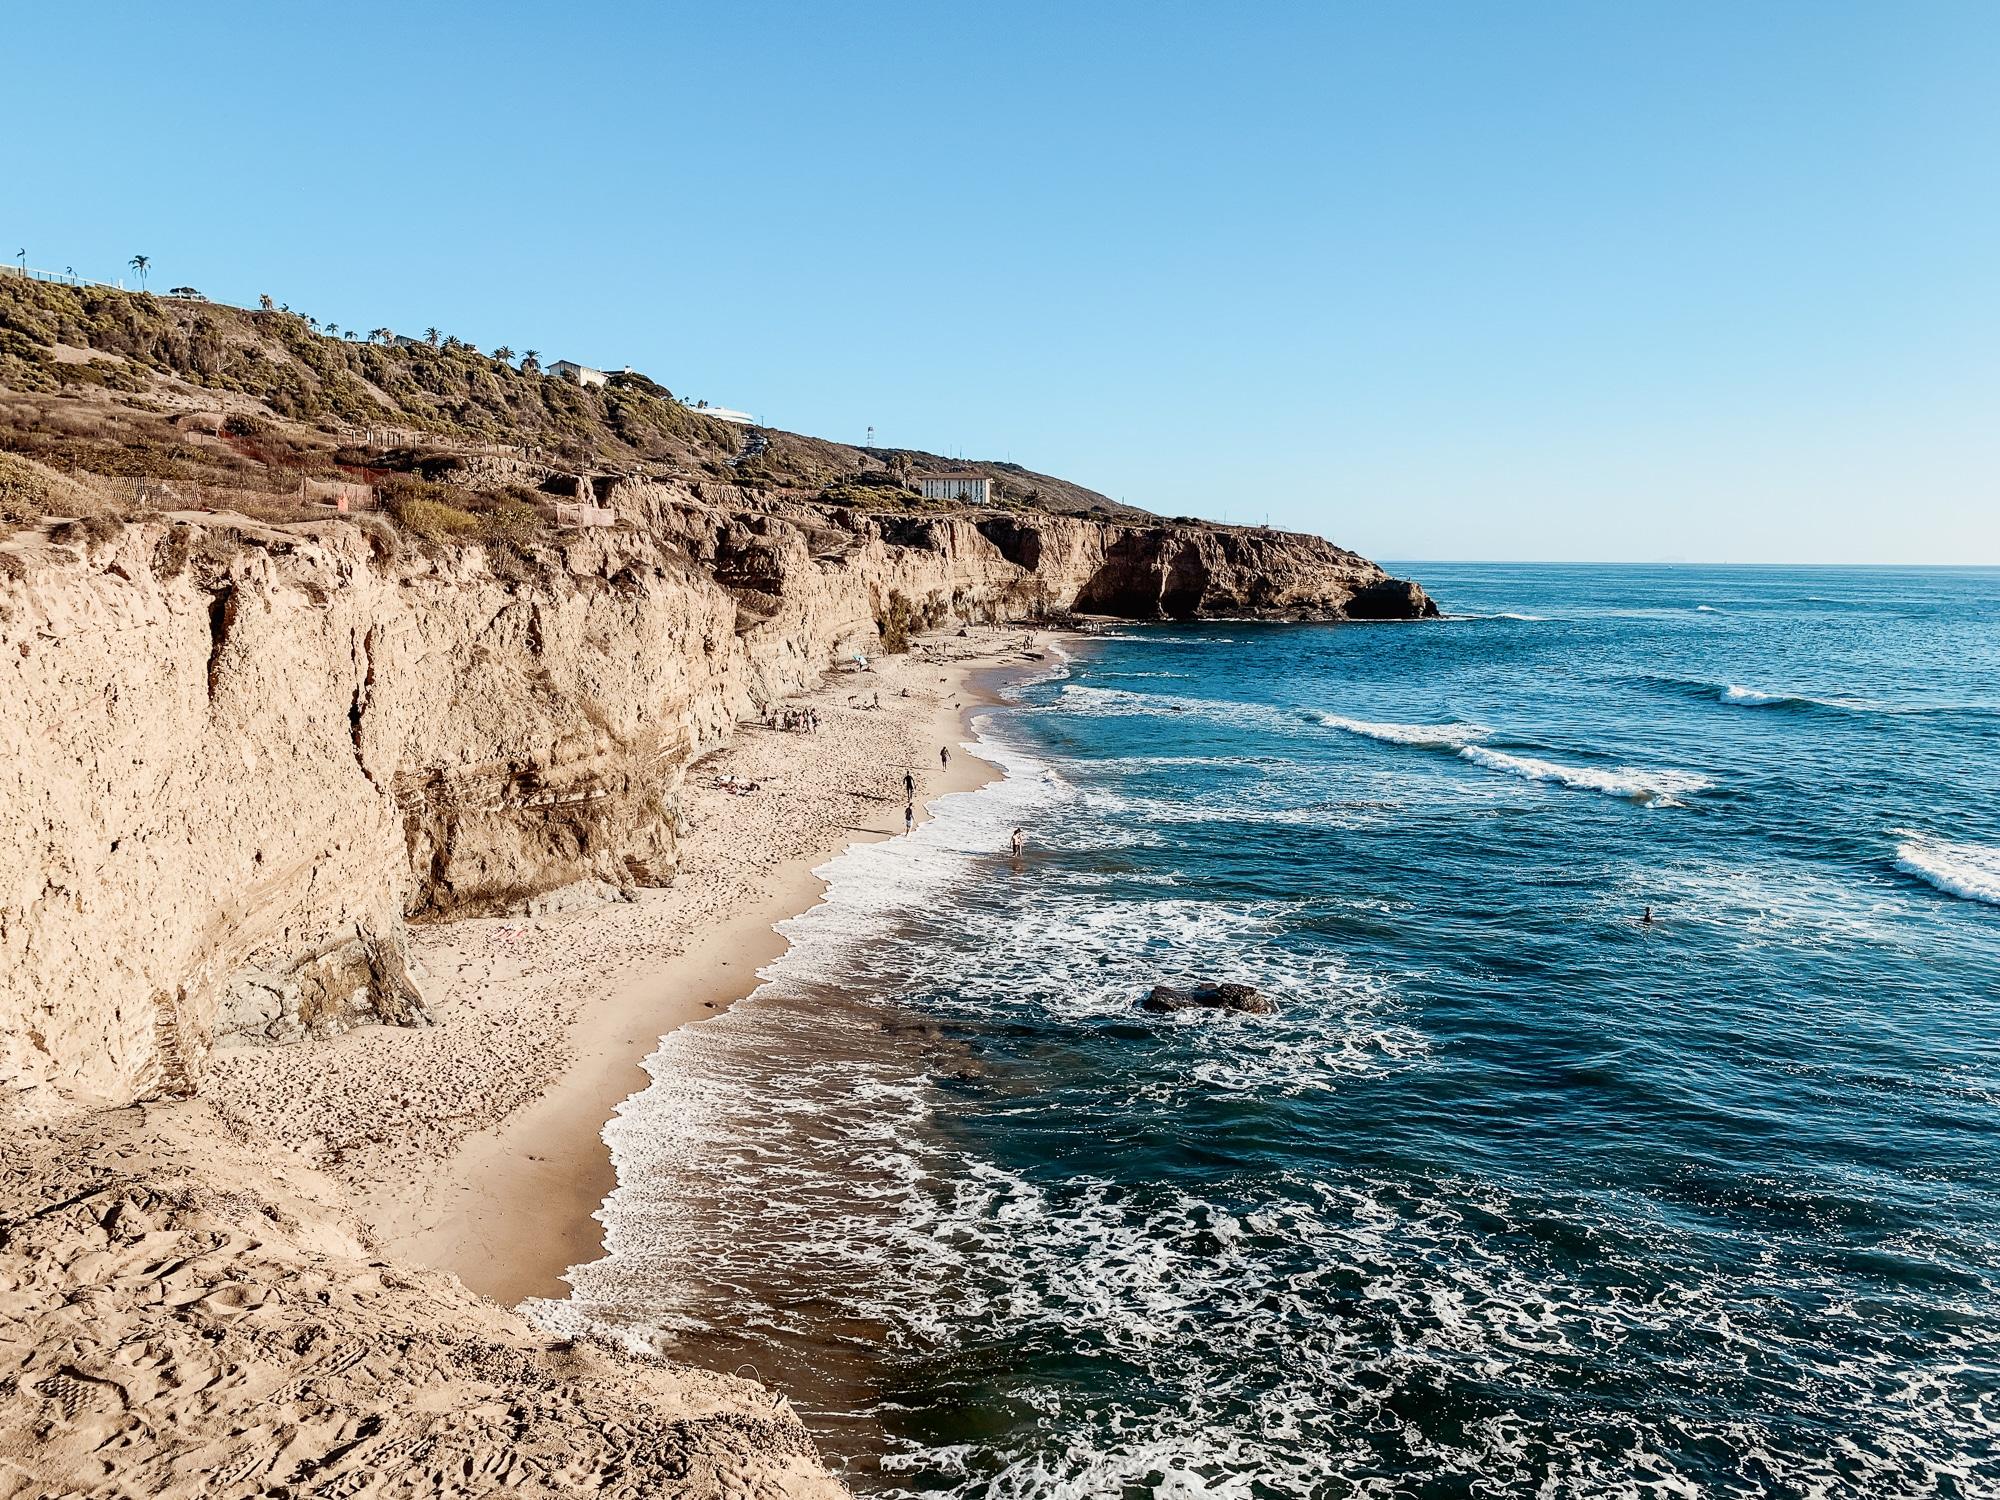 Zu den San Diego Sehenswürdigkeiten zählen auch die Sunset Cliffs. Mit dem Auto seid ihr vom Zentrum aus über die N Harbor Dr Road normalerweise in maximal einer Viertelstunde dort. Wie der Name schon sagt, könnt ihr hier einen traumhaften Sonnenuntergang erleben. Aber auch tagsüber kommen viele Einheimische und Urlauber her, um den einmaligen Ausblick auf die Brandung des Pazifiks zu genießen. Die wunderschöne und ein wenig wilde Landschaft bietet wirklich ein tolles Naturerlebnis.